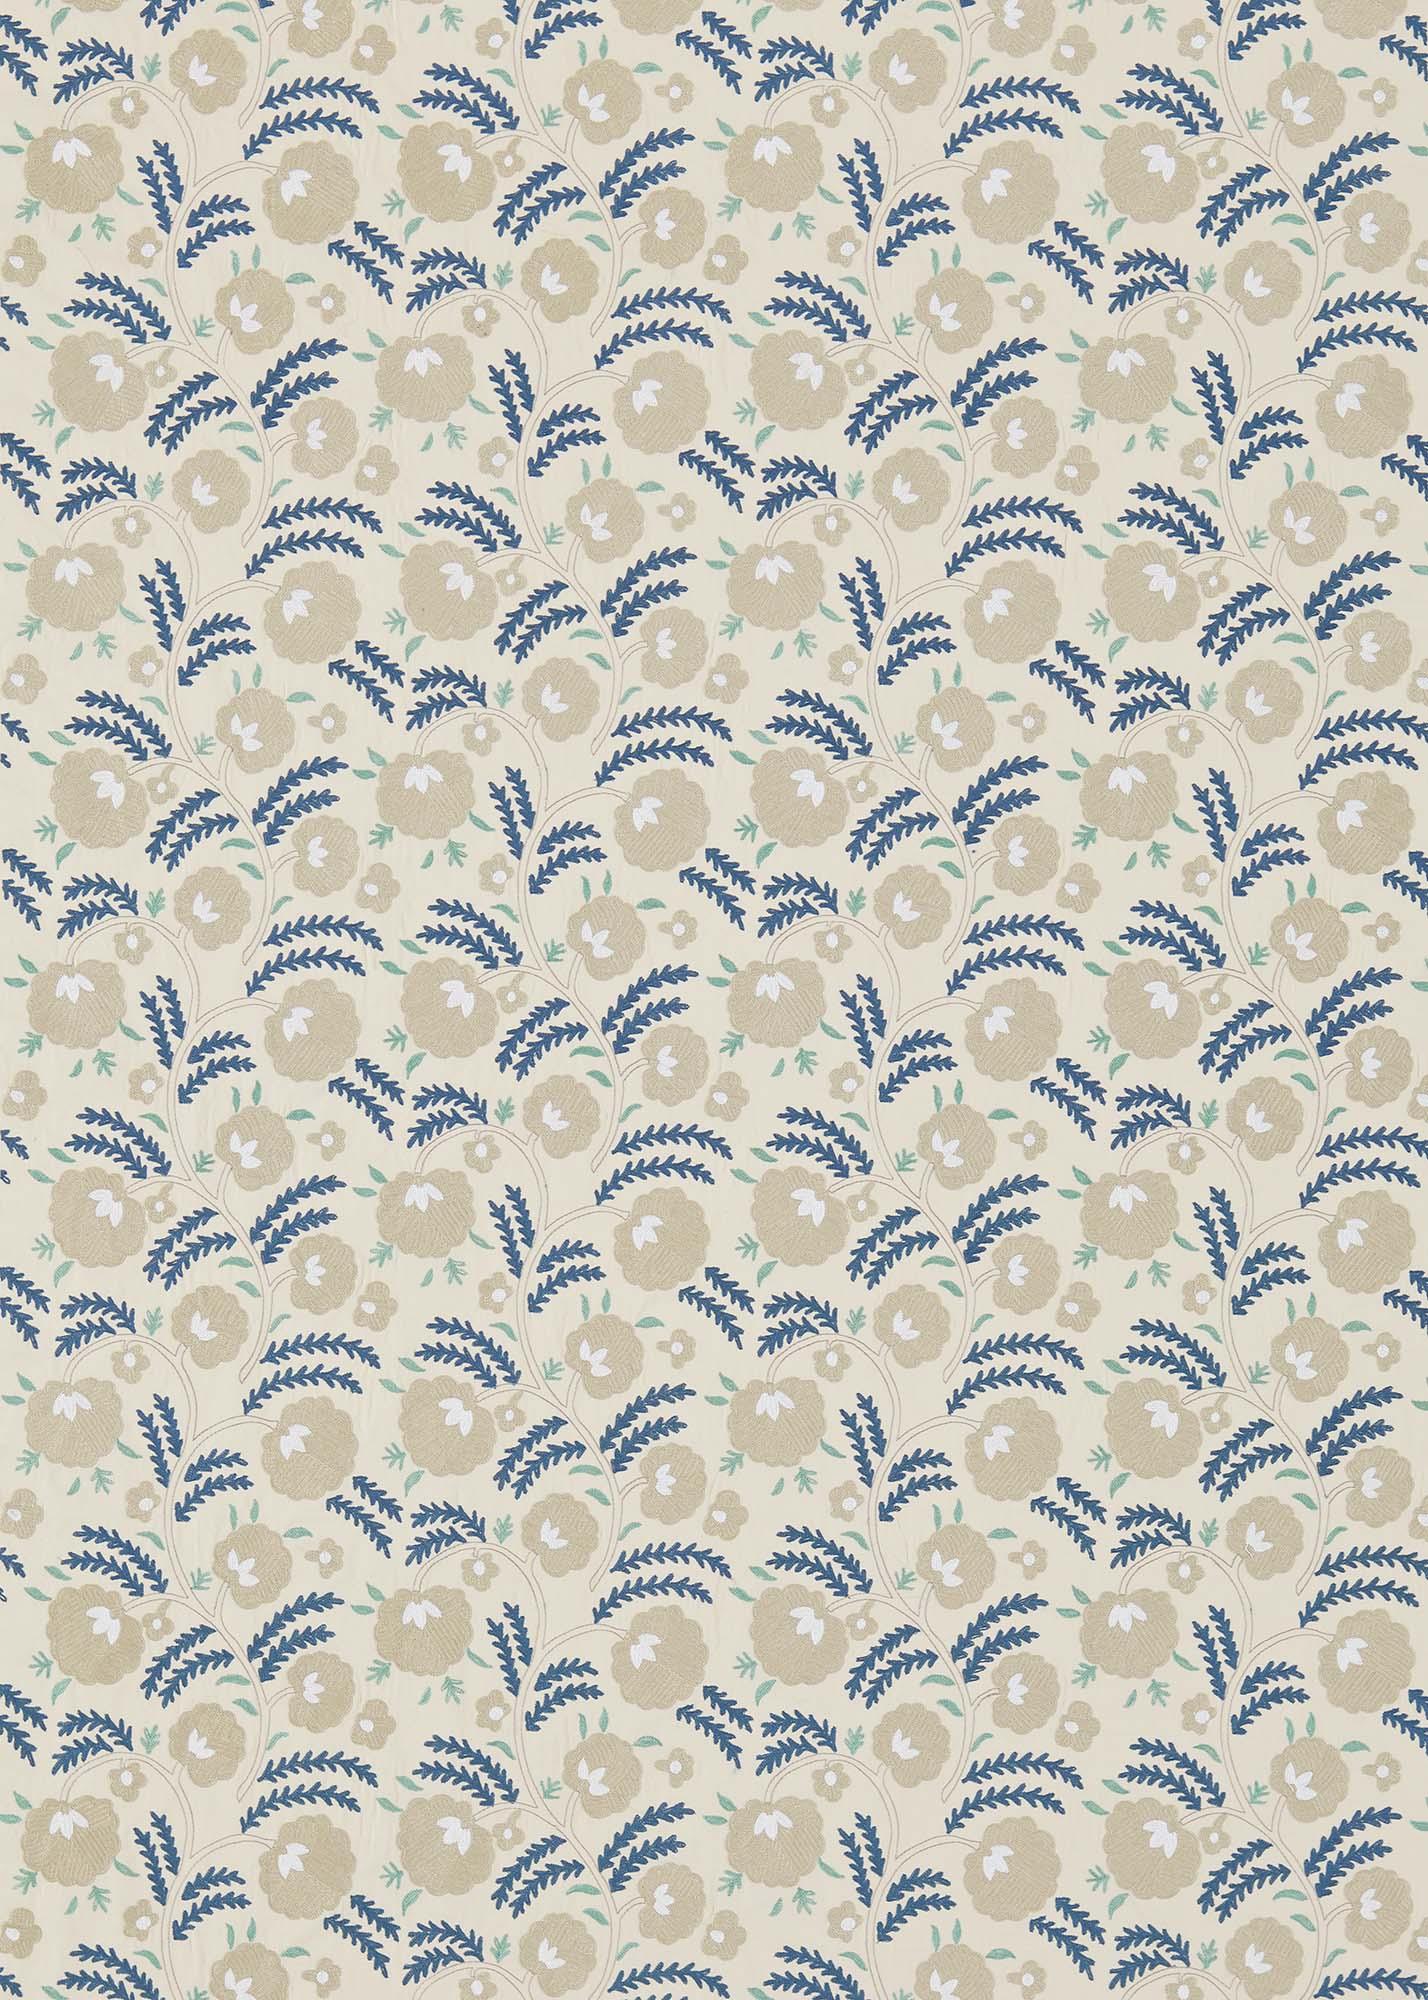 ウィリアムモリス生地 Wightwick Embroidery 234548